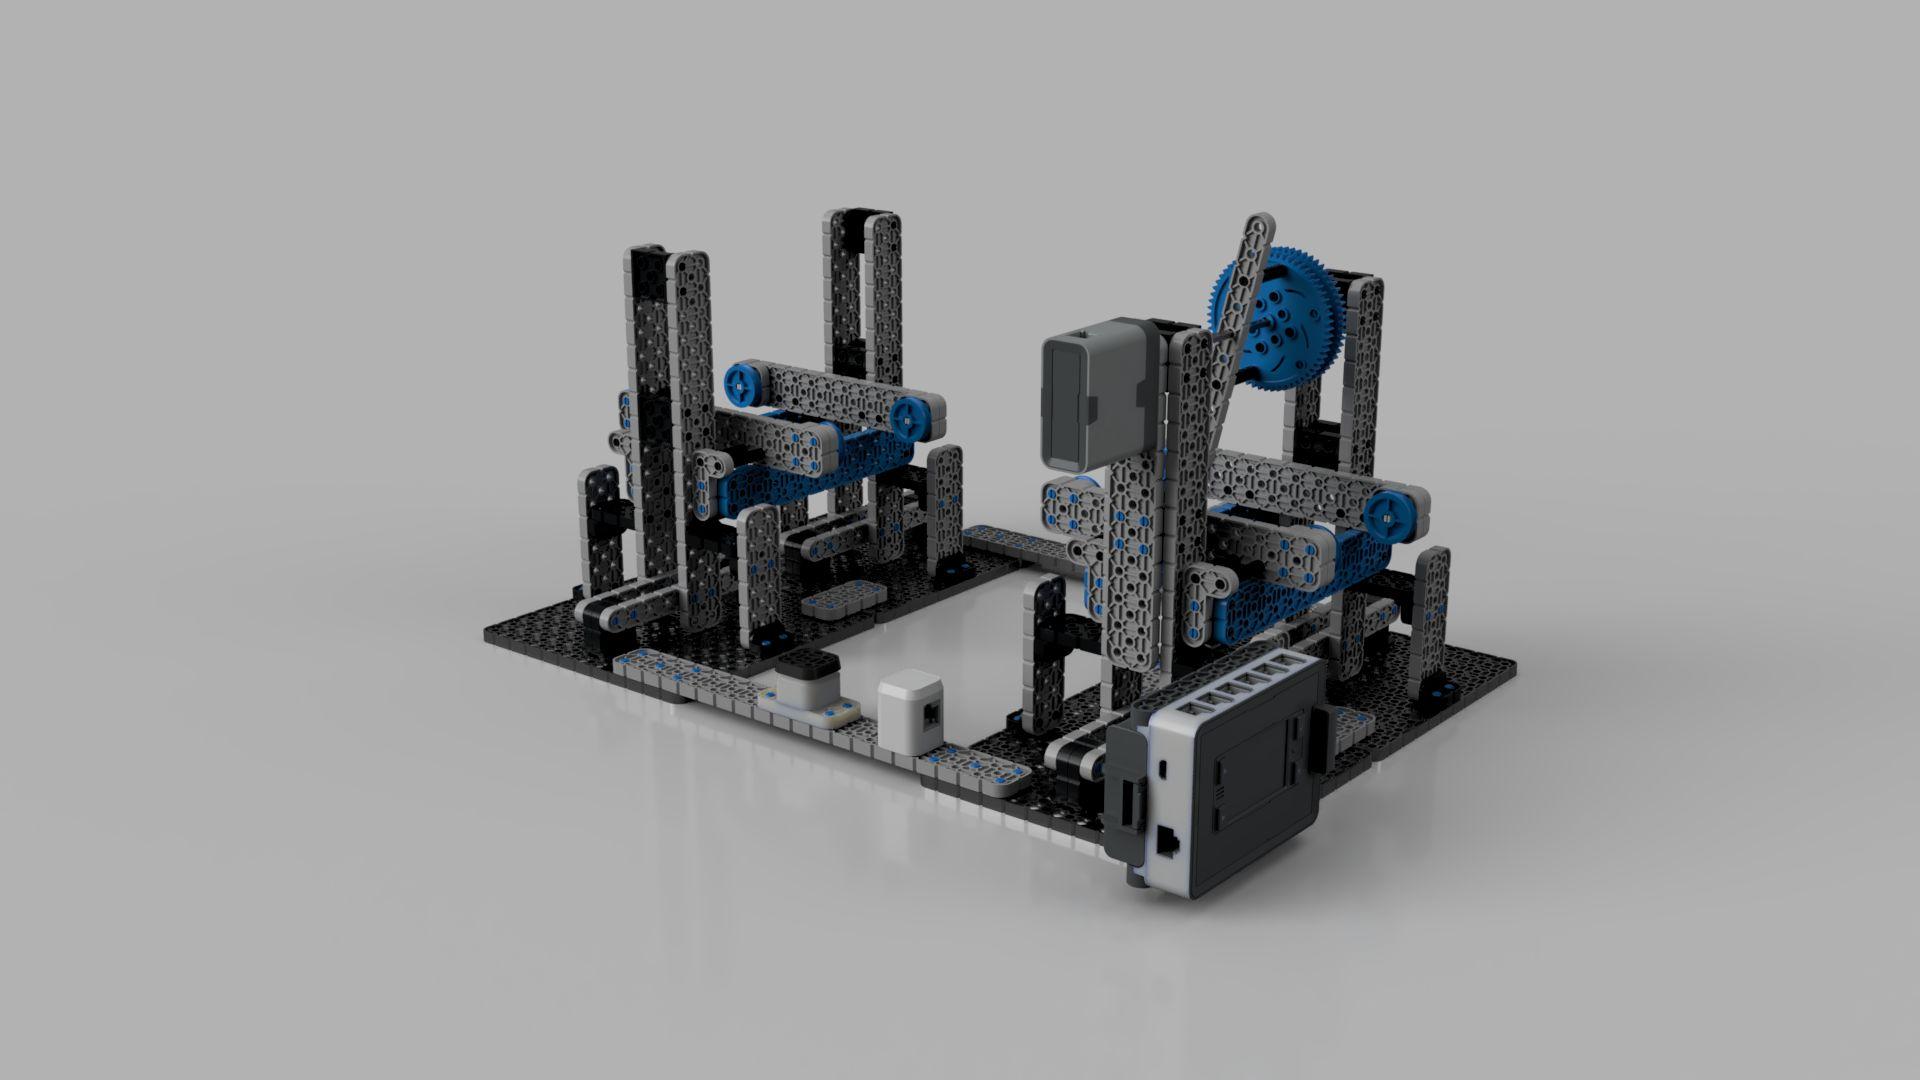 Robot-bobina-fila-2018-jul-02-10-44-48pm-000-customizedview5822445246-3500-3500